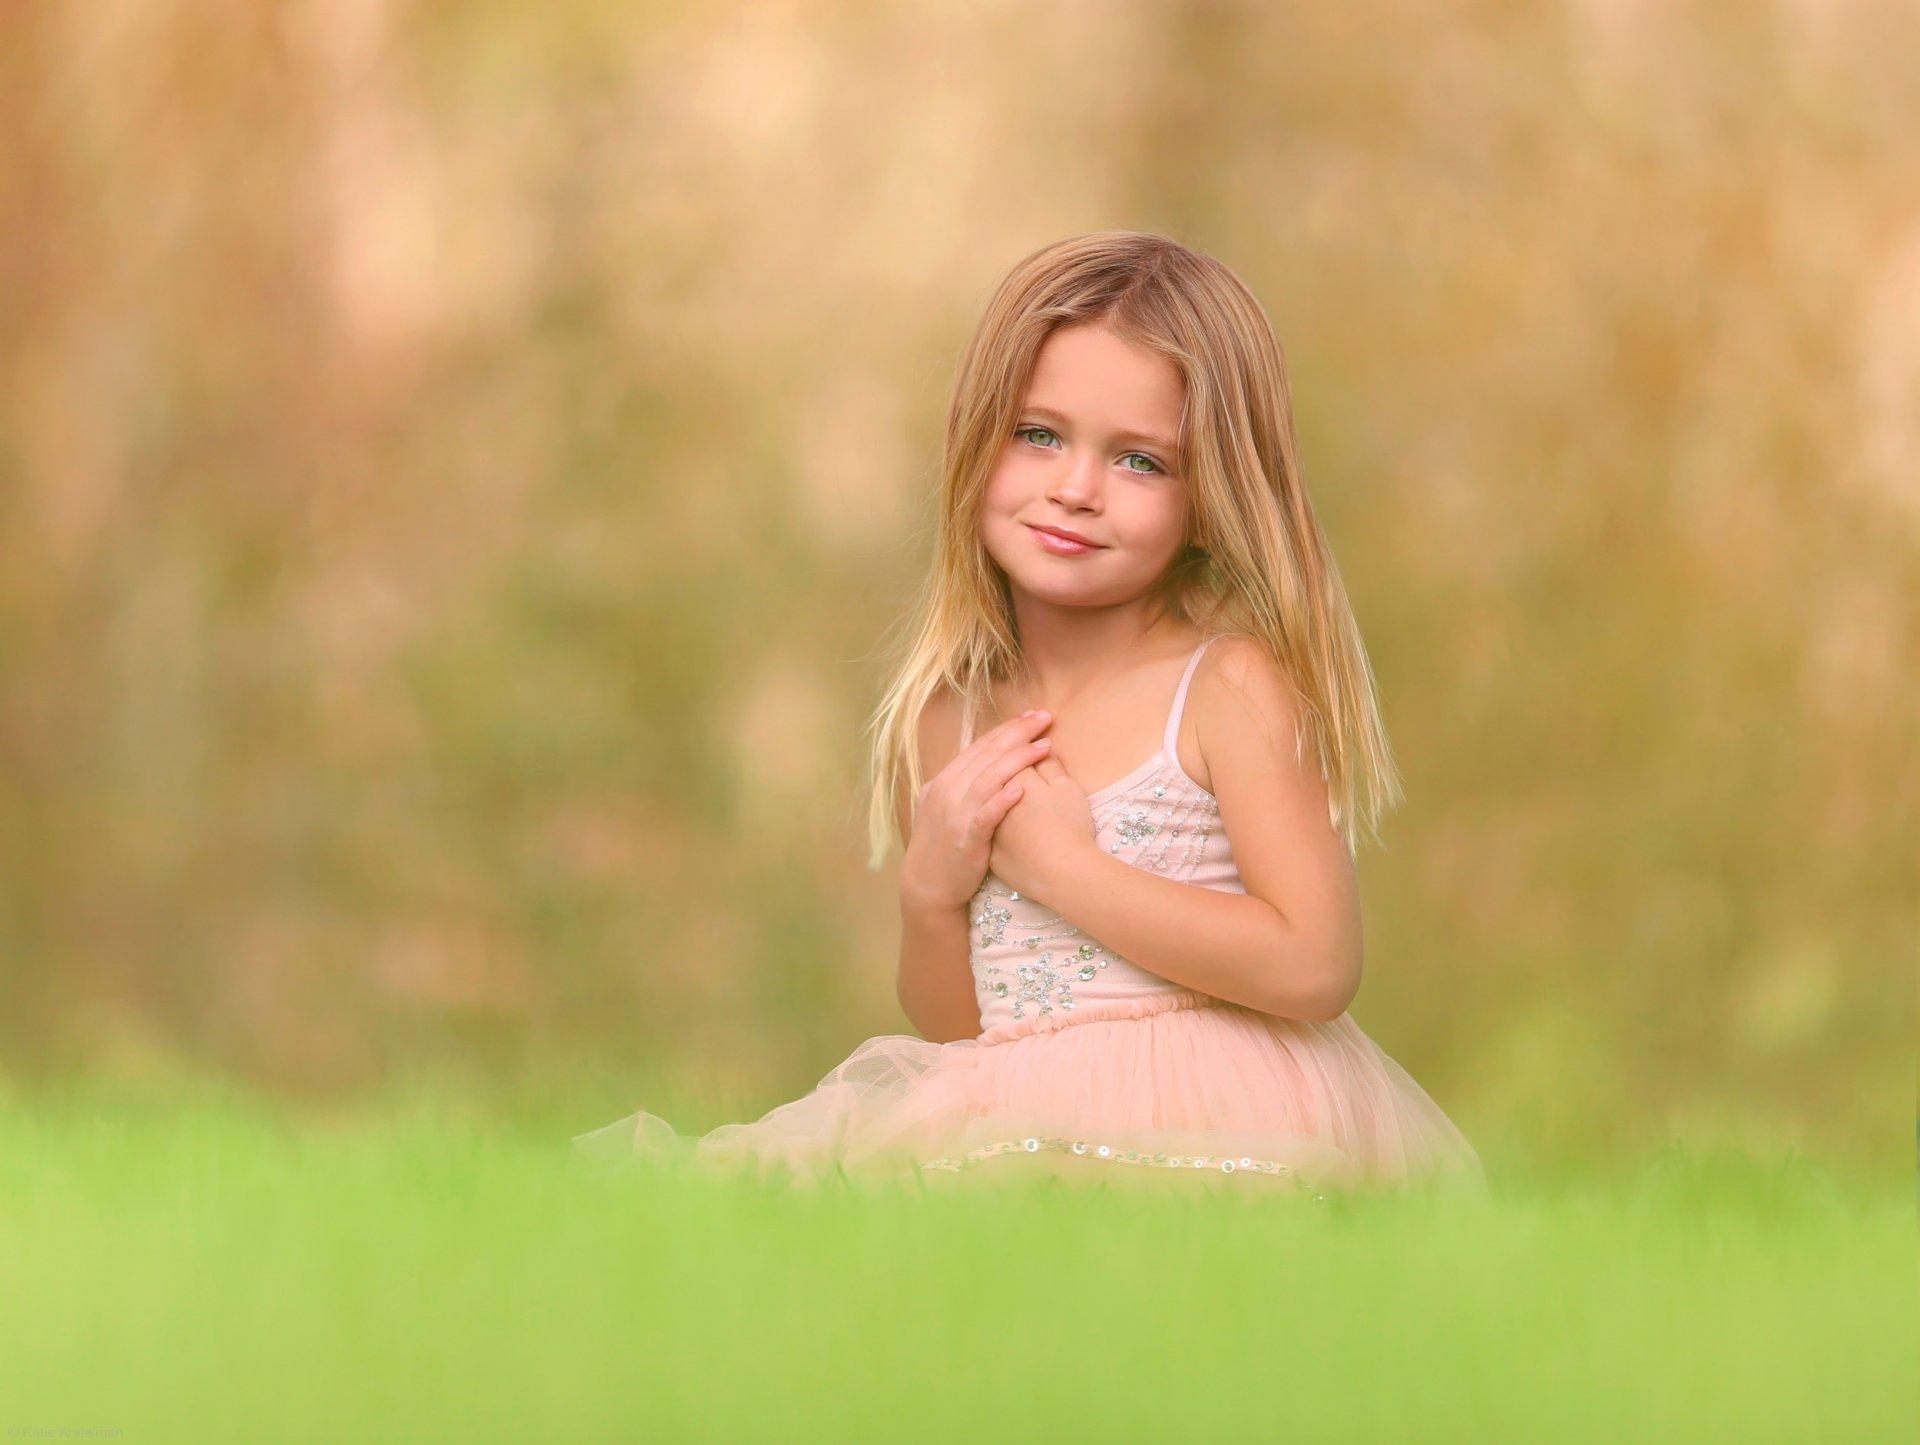 Фото девушки с маленькими, Маленькая грудьфото. Девушки с натуральной 17 фотография